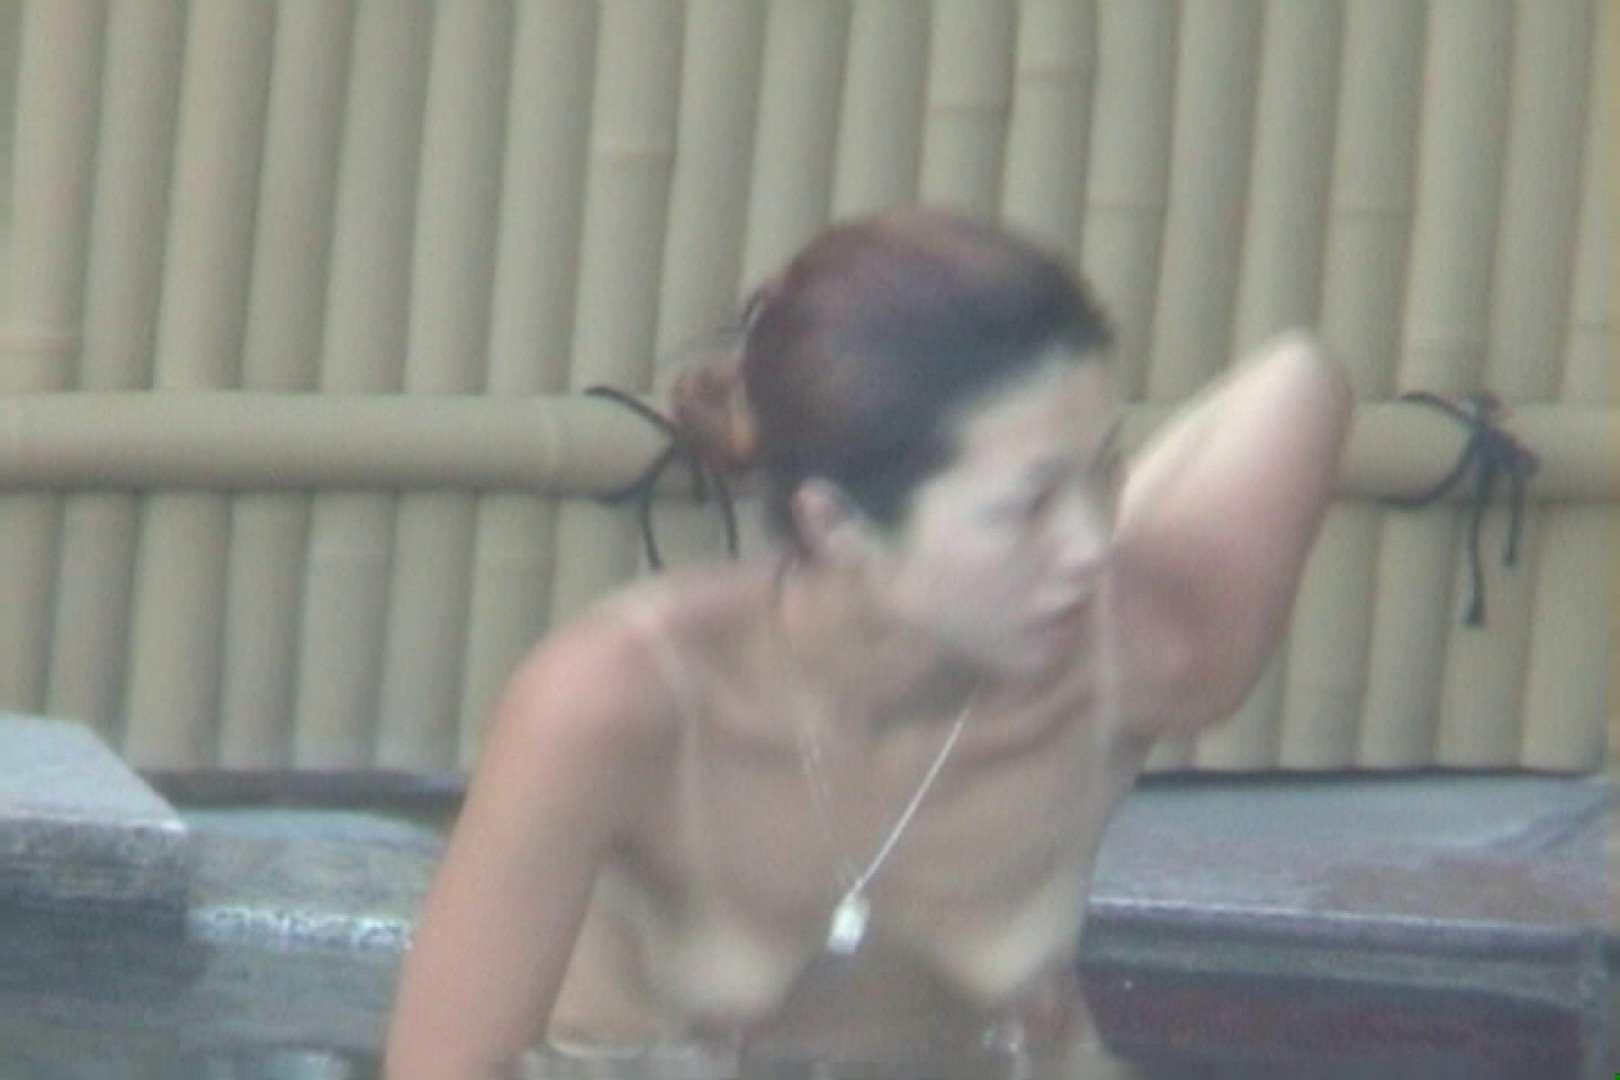 Aquaな露天風呂Vol.571 盗撮  83画像 21